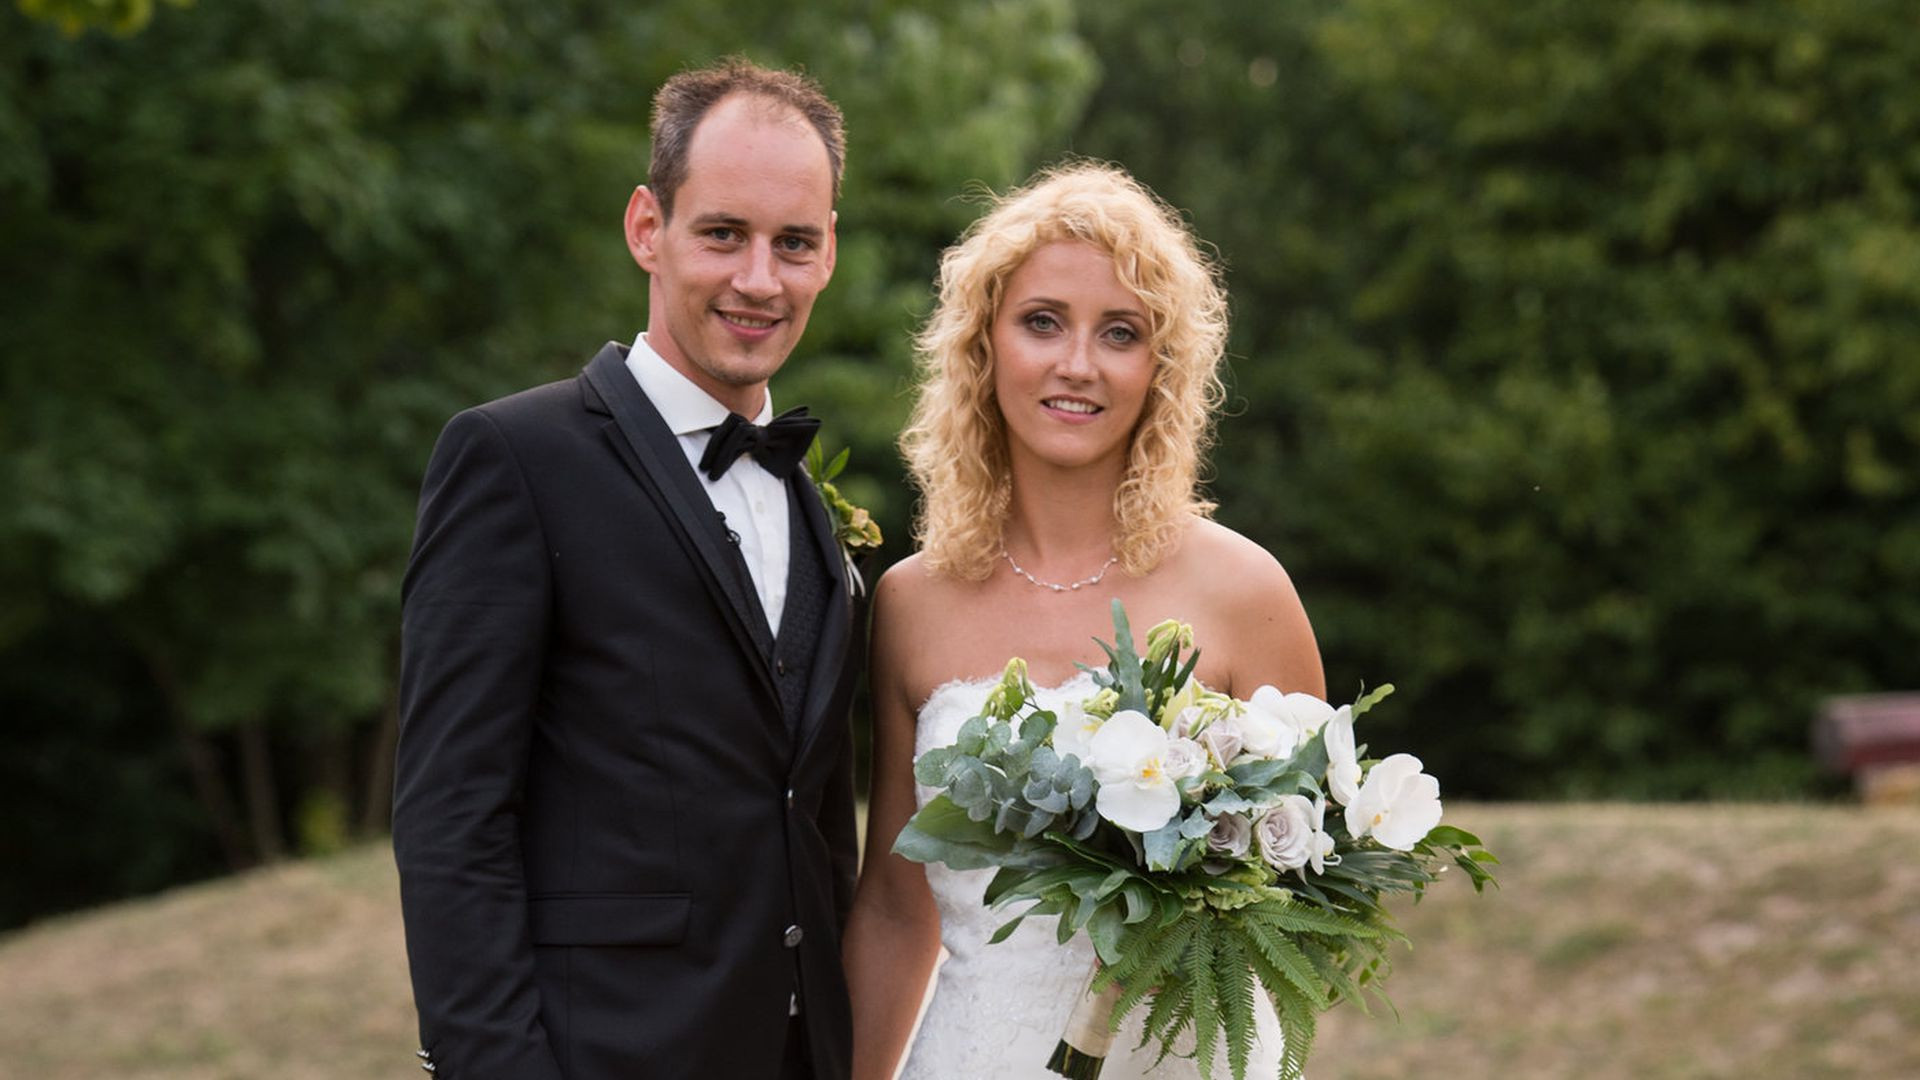 Hochzeit Auf Den Ersten Blick Sandra Und Sebastian  4 Scheidungen Nur 1 Paar bleibt nach HadeB Finale